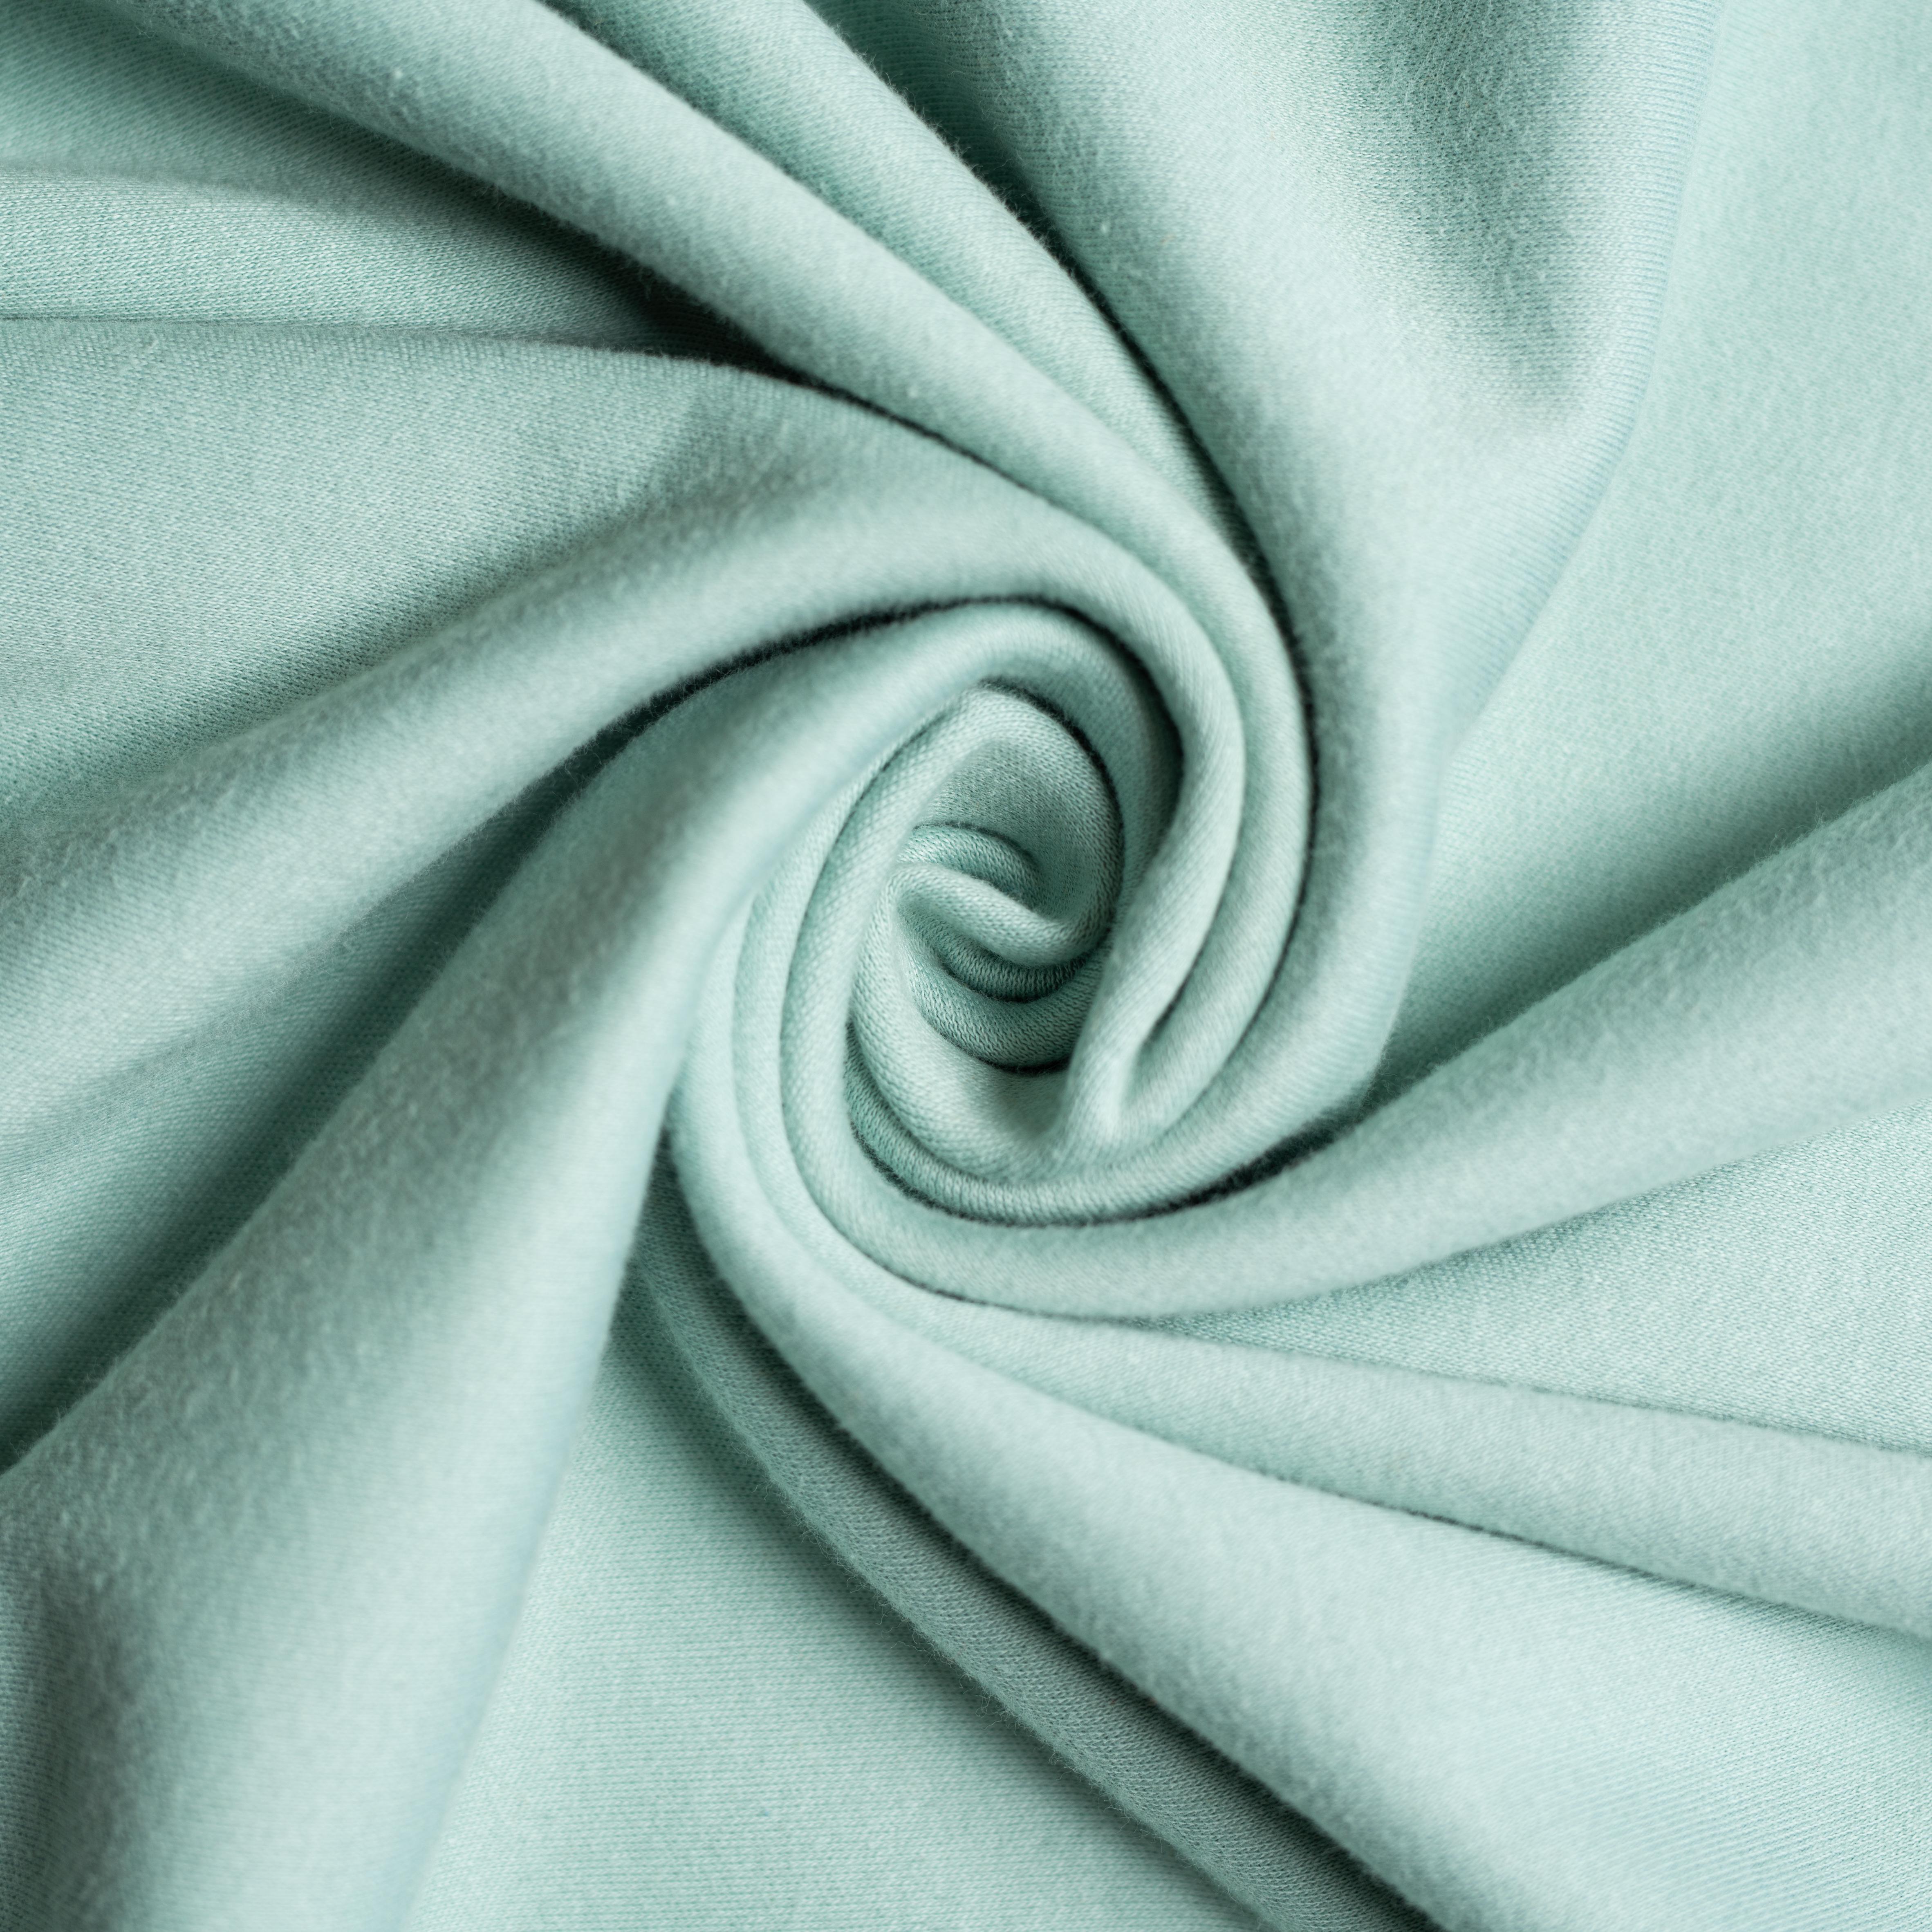 Mineral Solid Interlock Knit